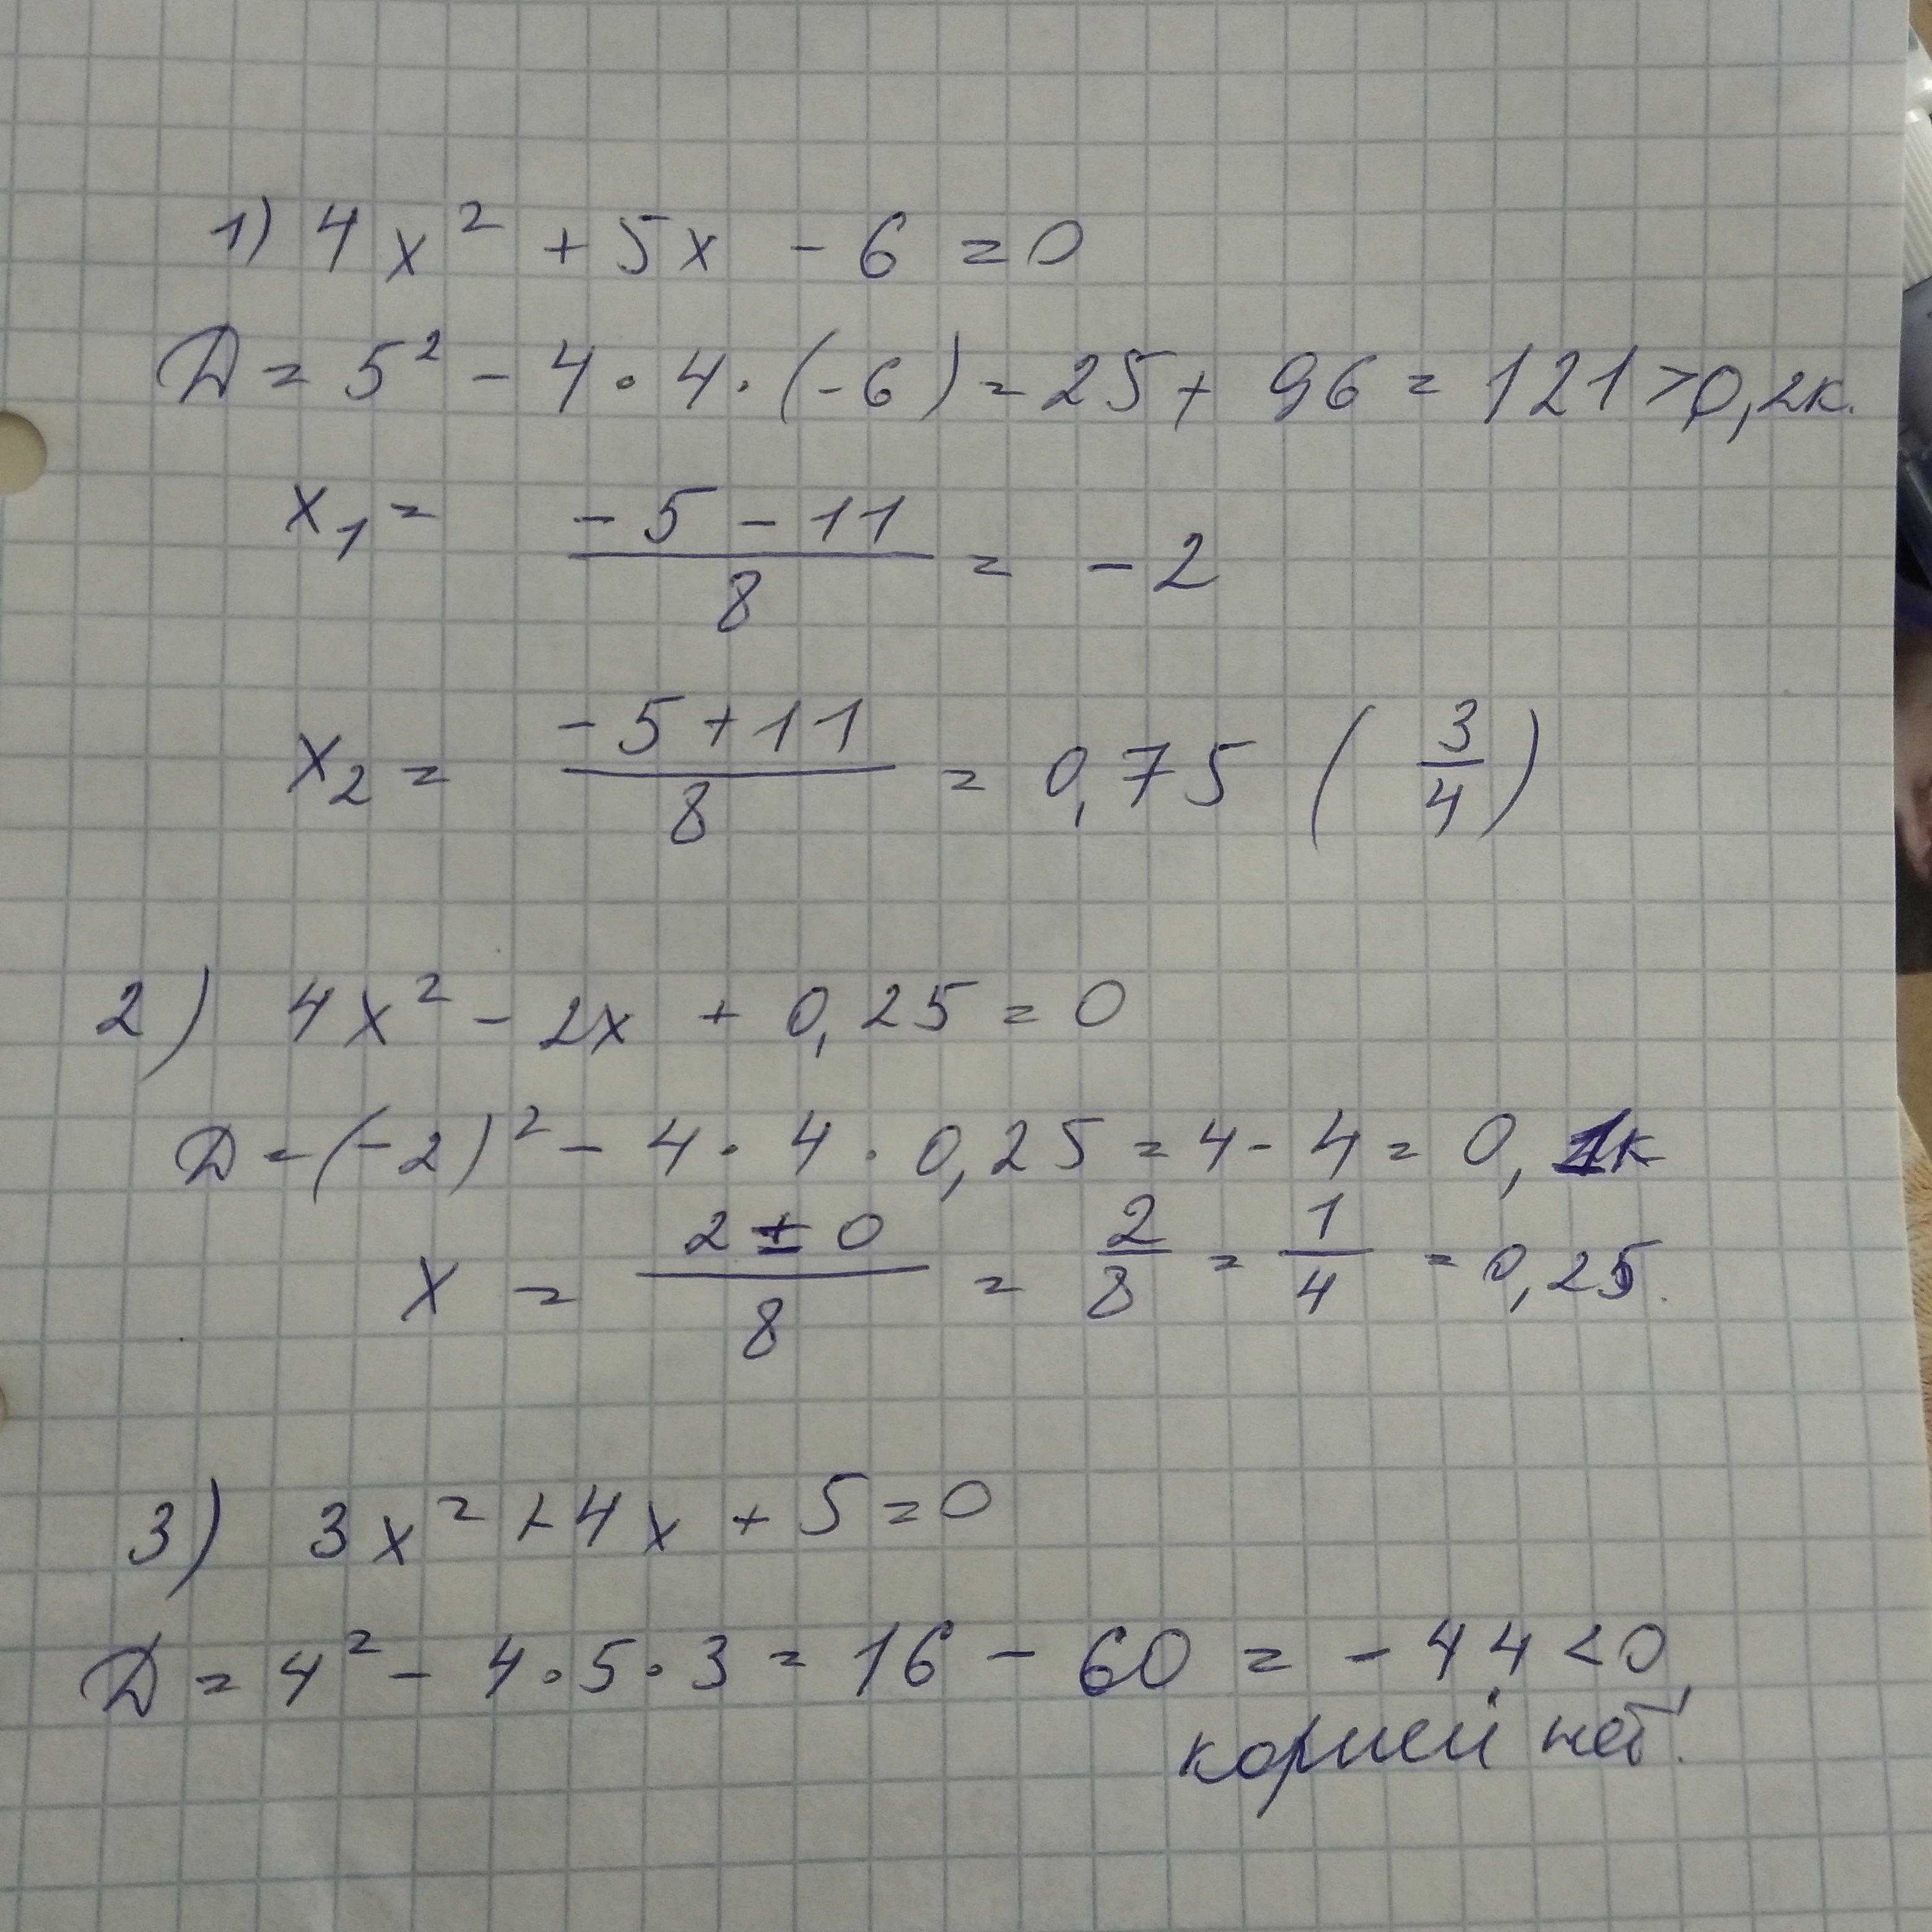 1) 4x²+5x-6=0 2) 4x²-2x+0.25=0 3)3x²+4x+5=0